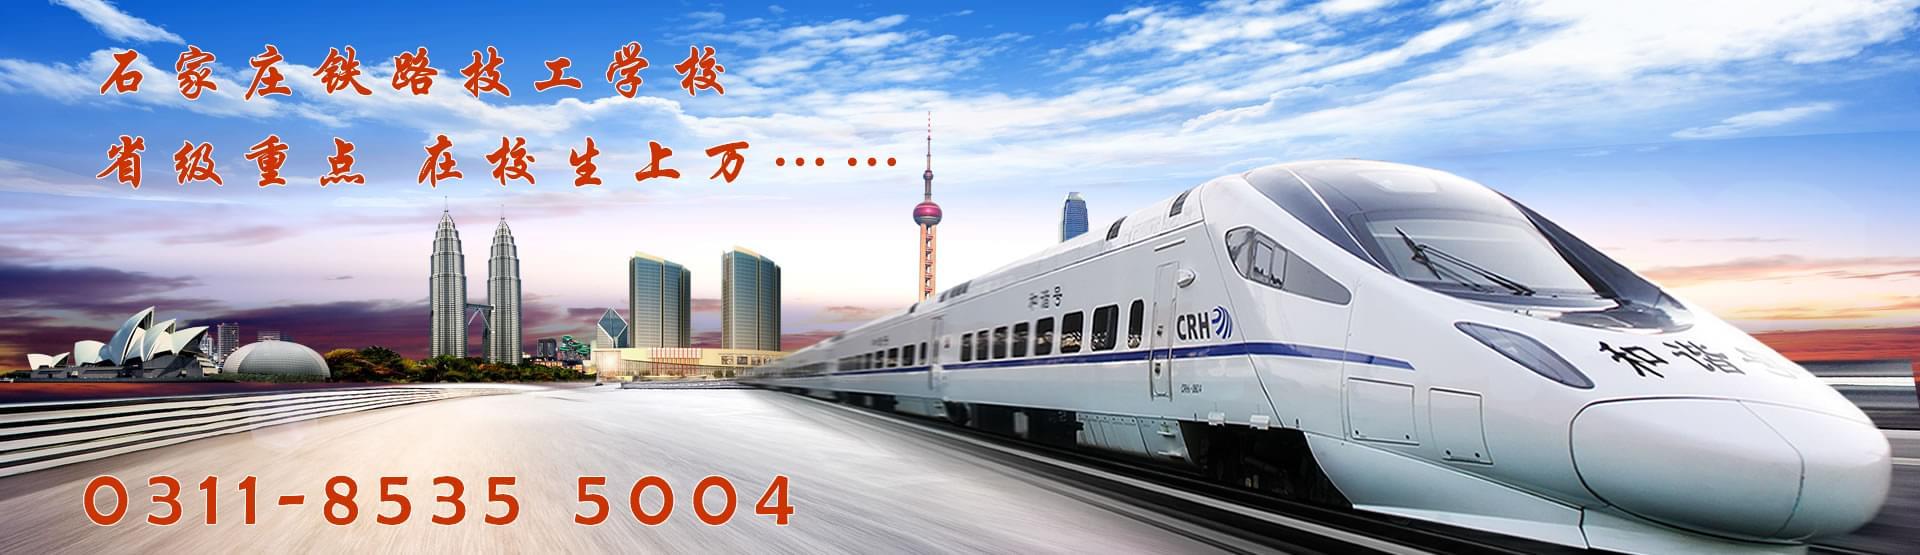 朔黄铁路1月份煤炭运量创月度历史最高纪录